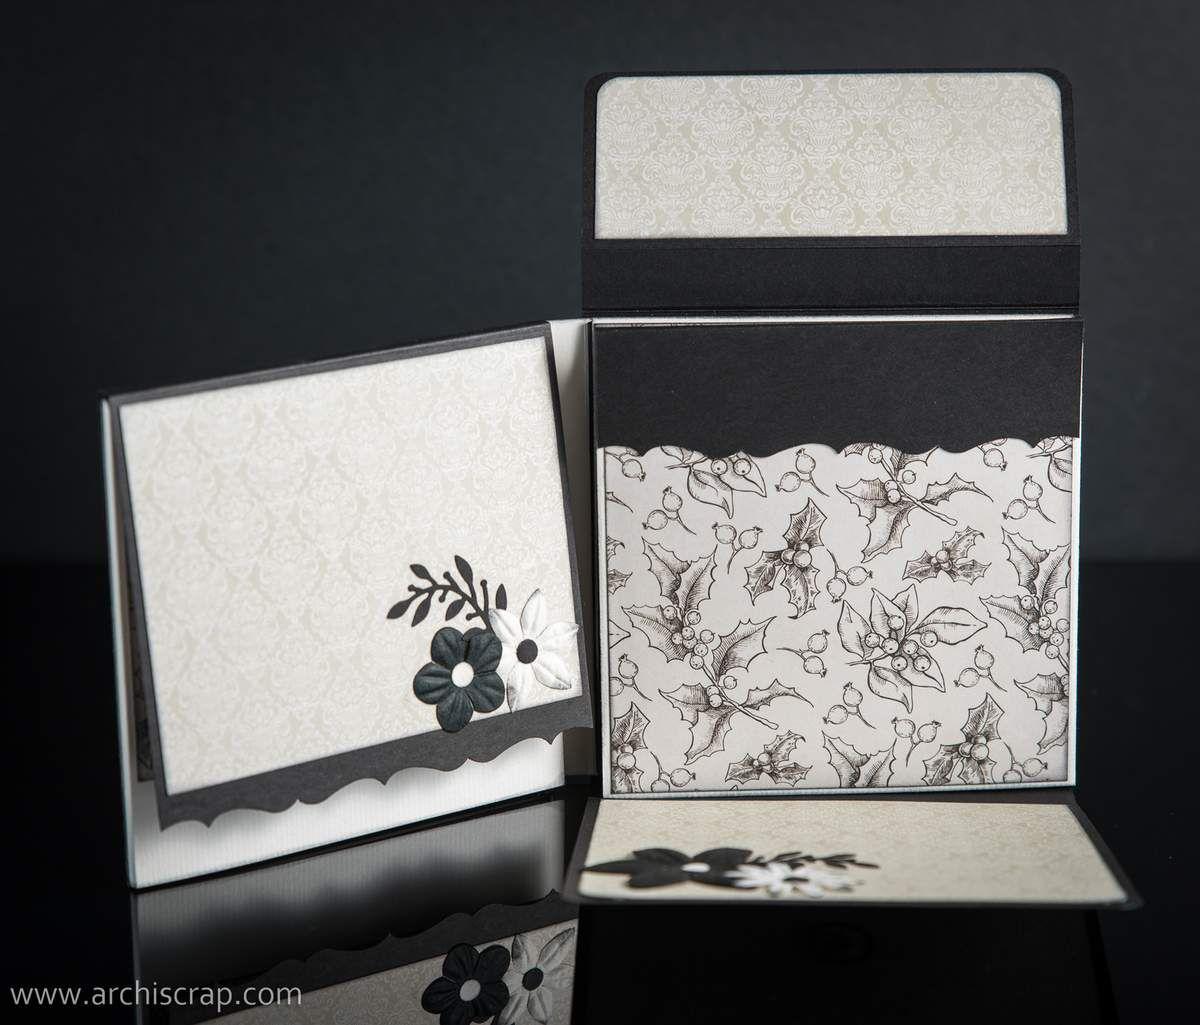 Ouverture de l'album d'abord verticale, puis le battant de gauche et enfin le battant de droite.